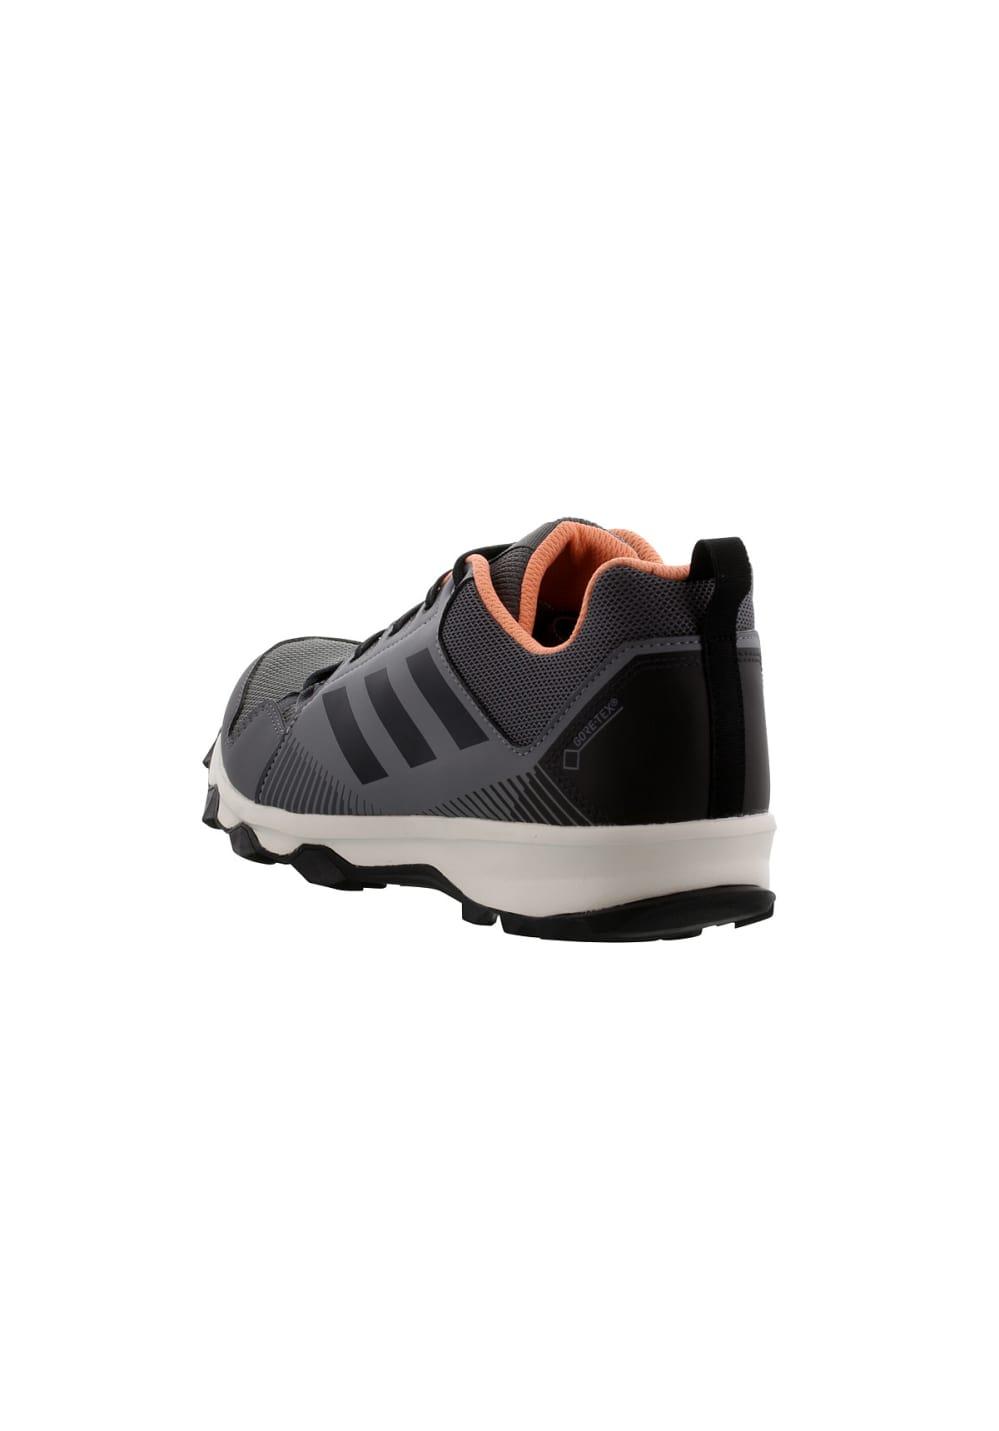 Next. -60%. adidas TERREX. Terrex Tracerocker GTX - Running shoes for Women a915629d9